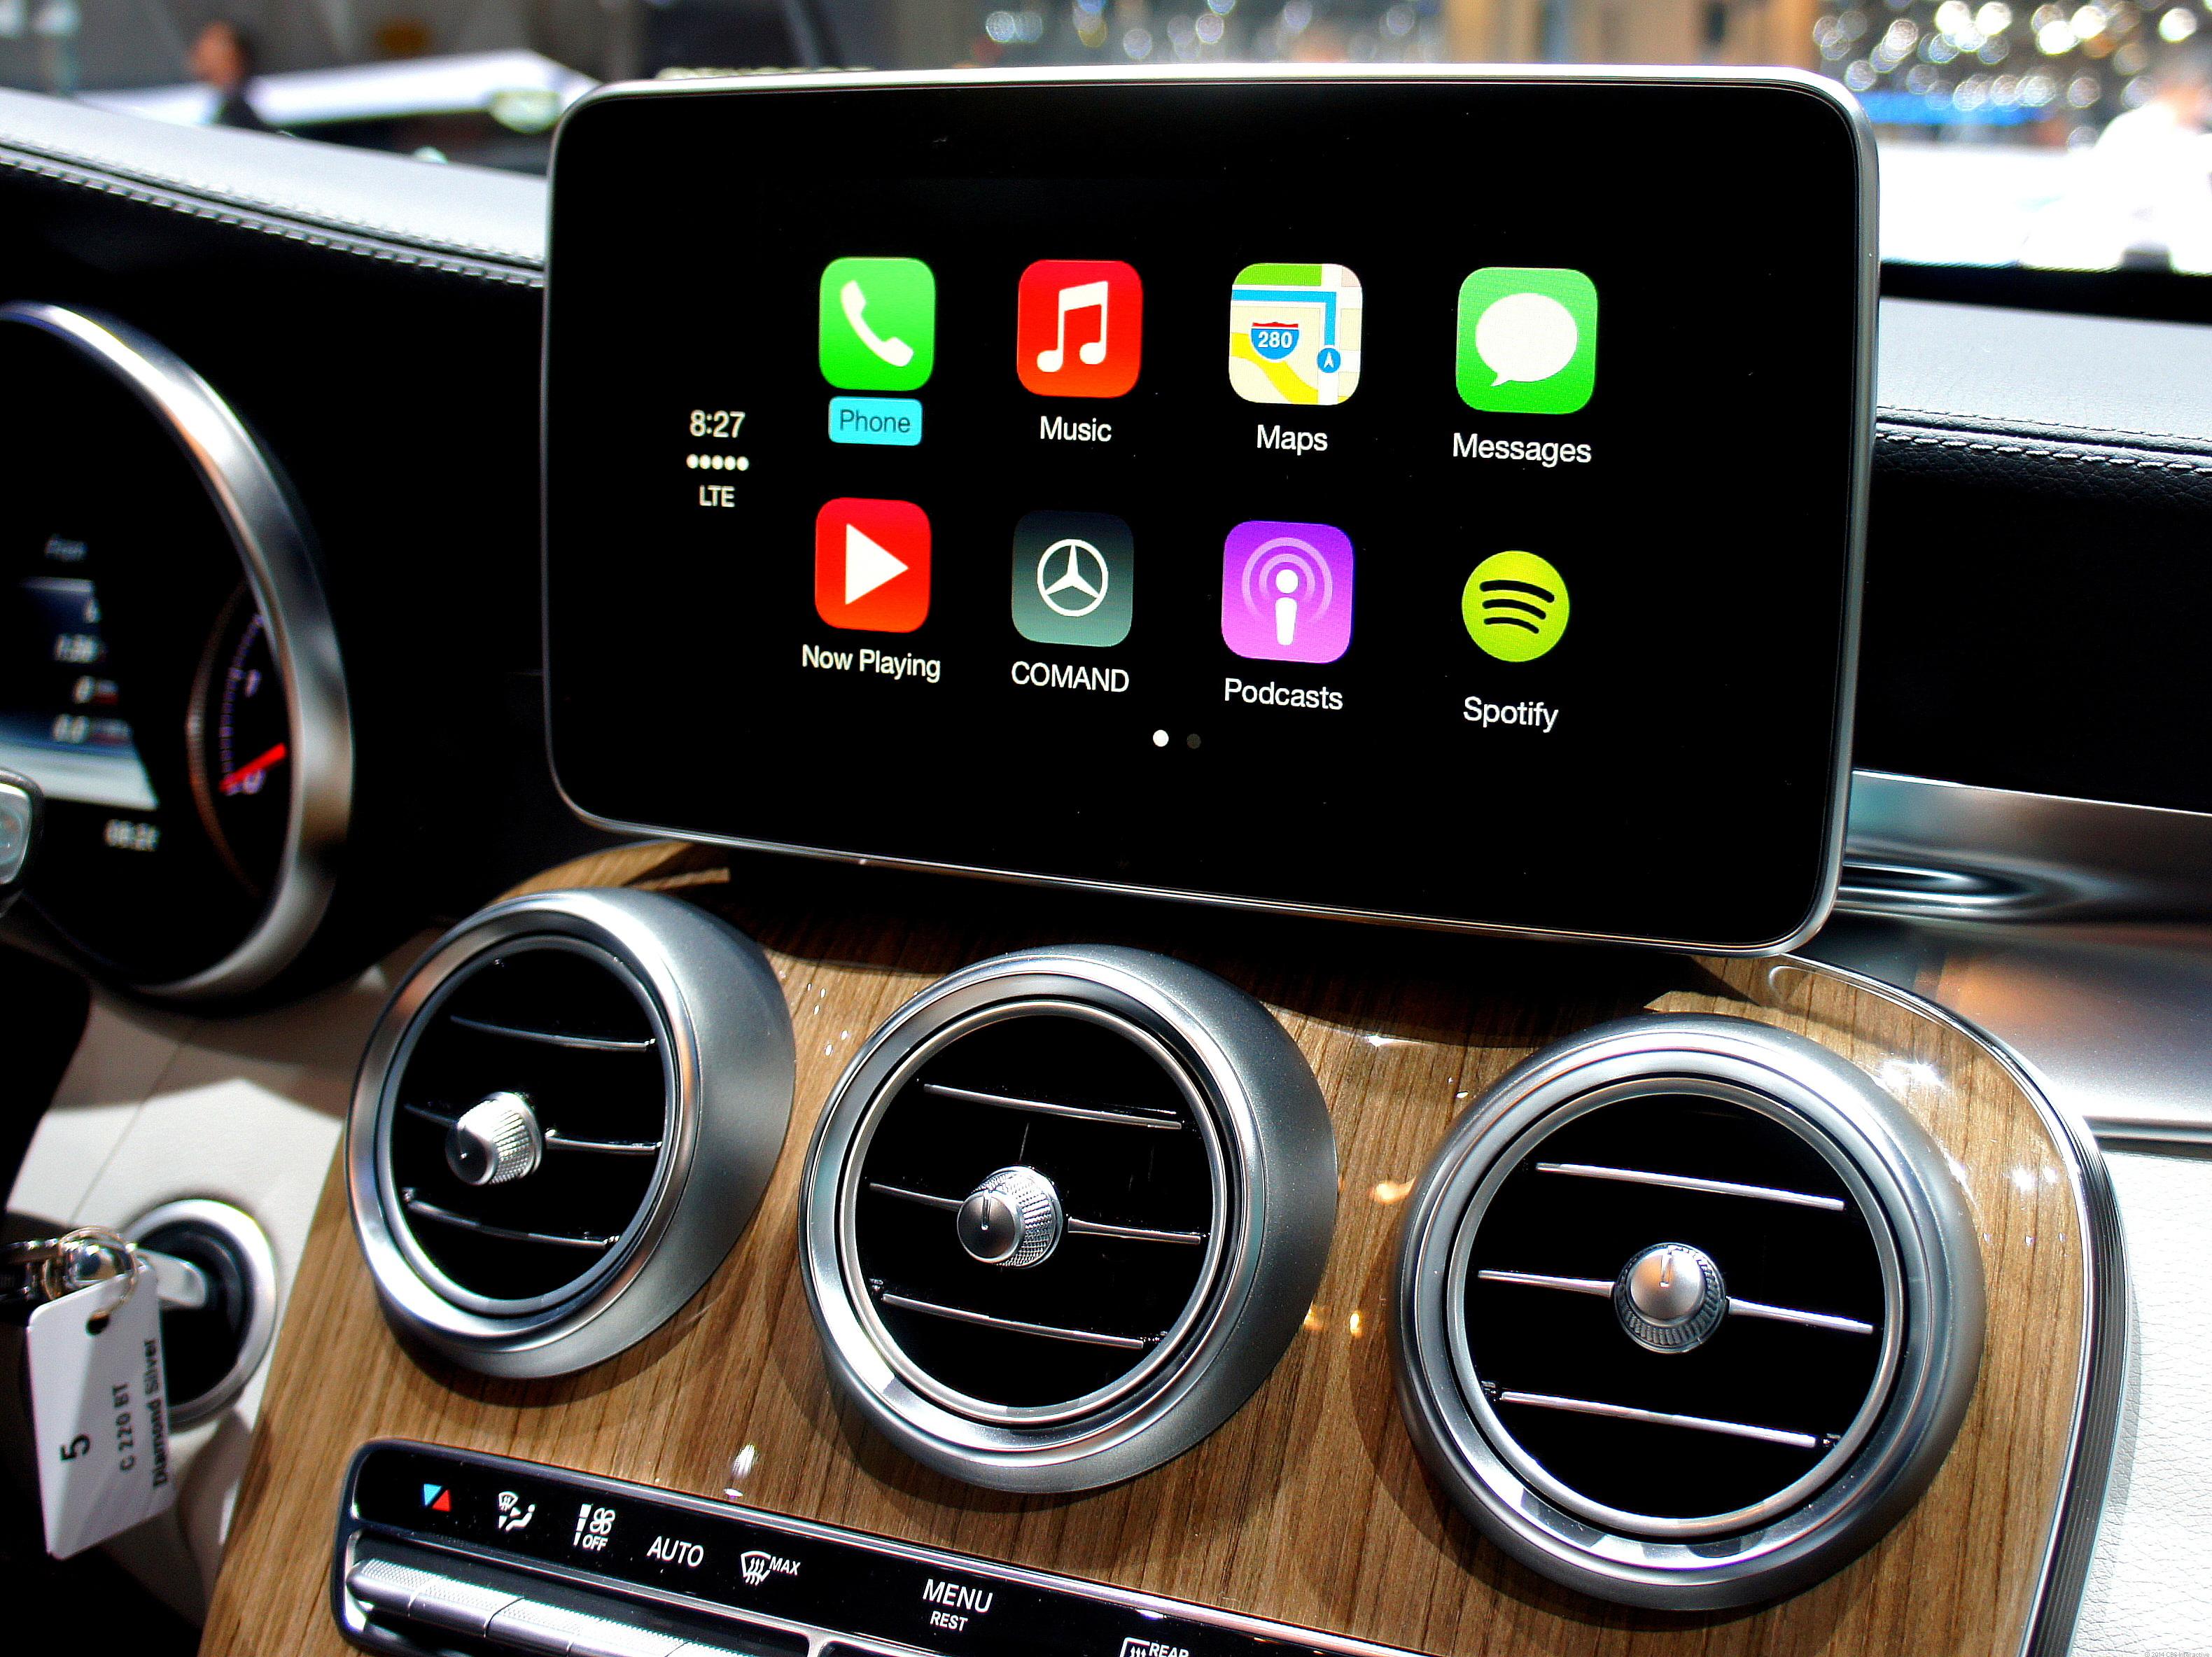 Все начиналось с CarPlay - системы синхронизации iPnone с автомобилем